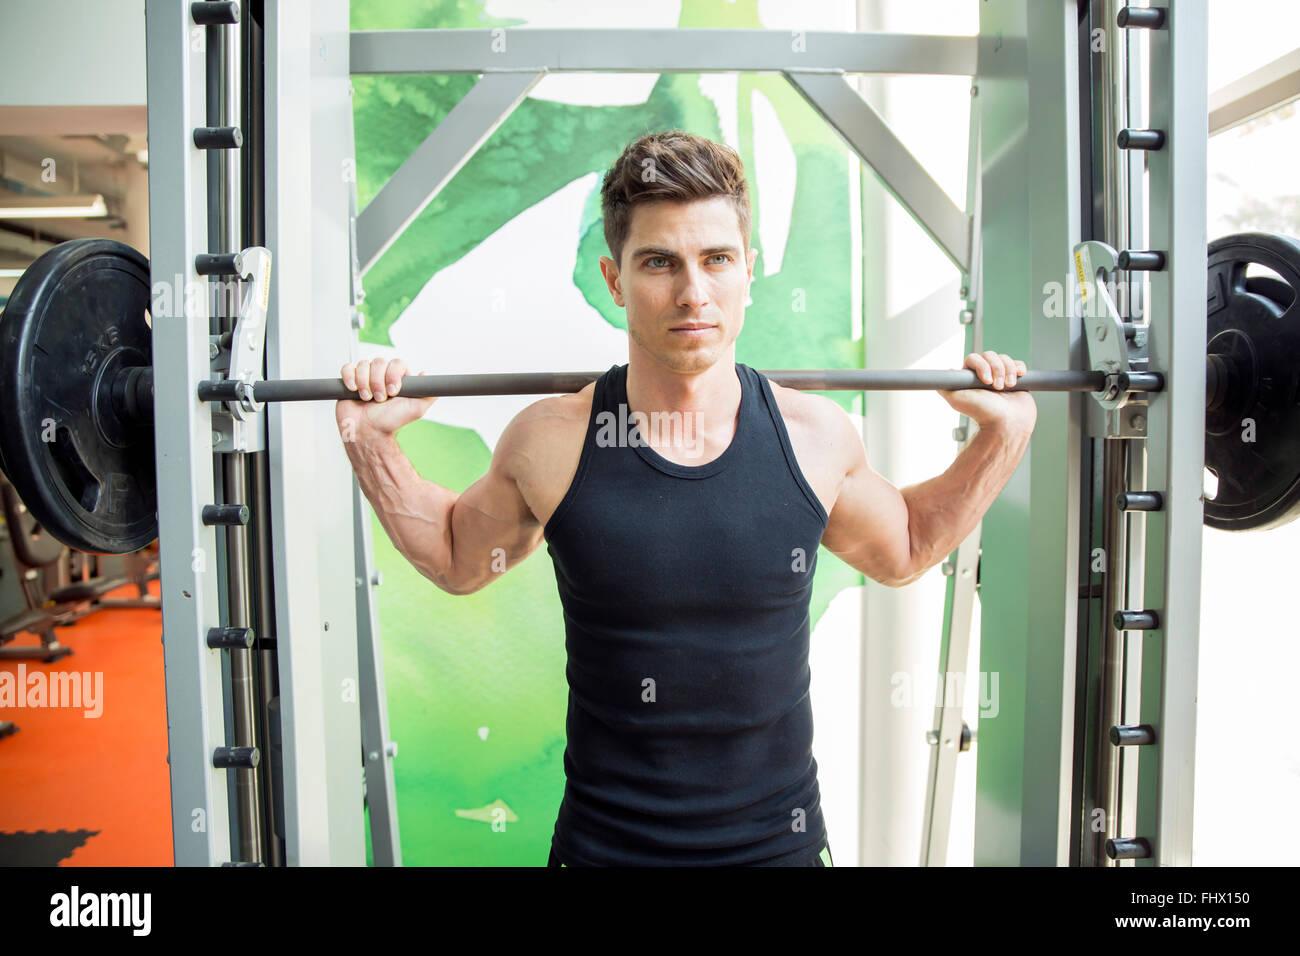 Bel homme de la formation en salle de sport pour rester en forme et solide Photo Stock